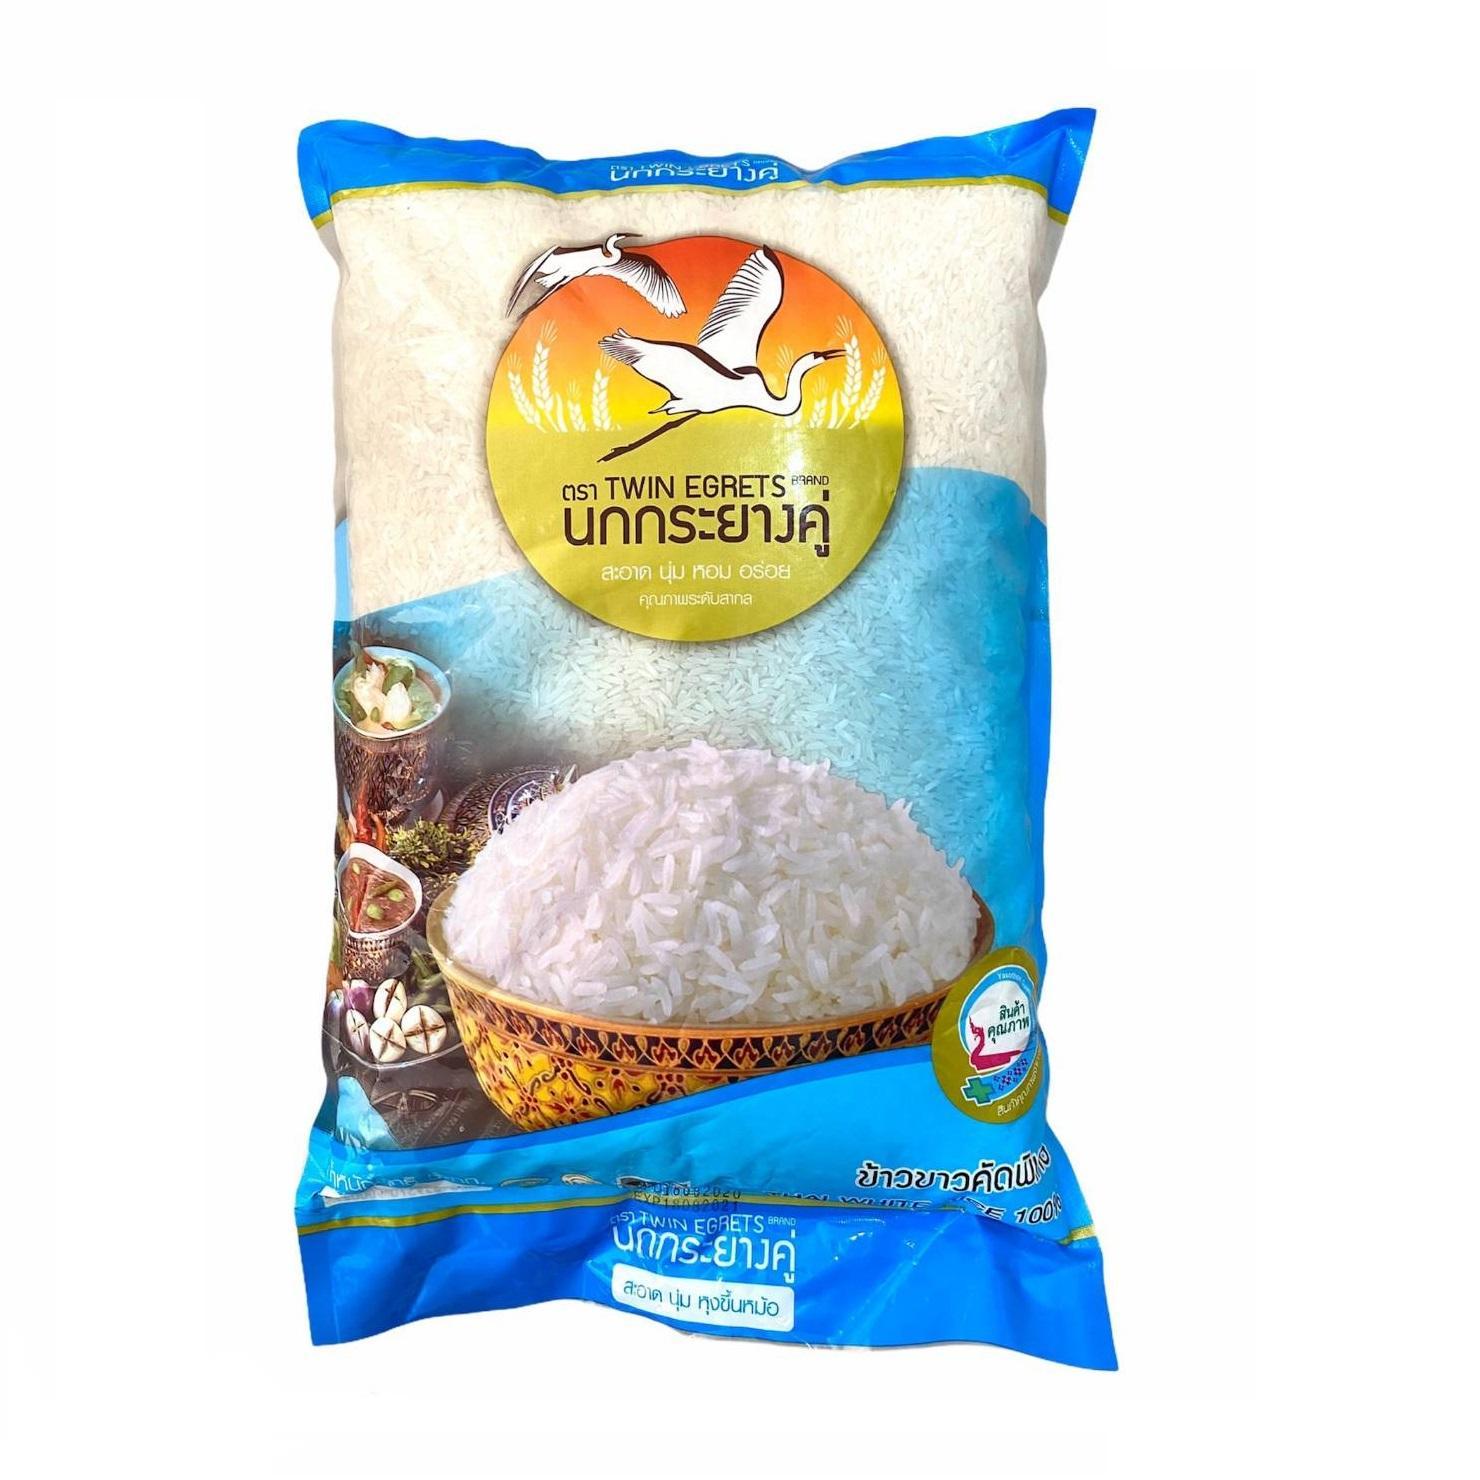 TWIN EGRETS Thailand Grain White Rice Grade A Blue pack 5 kg per bag